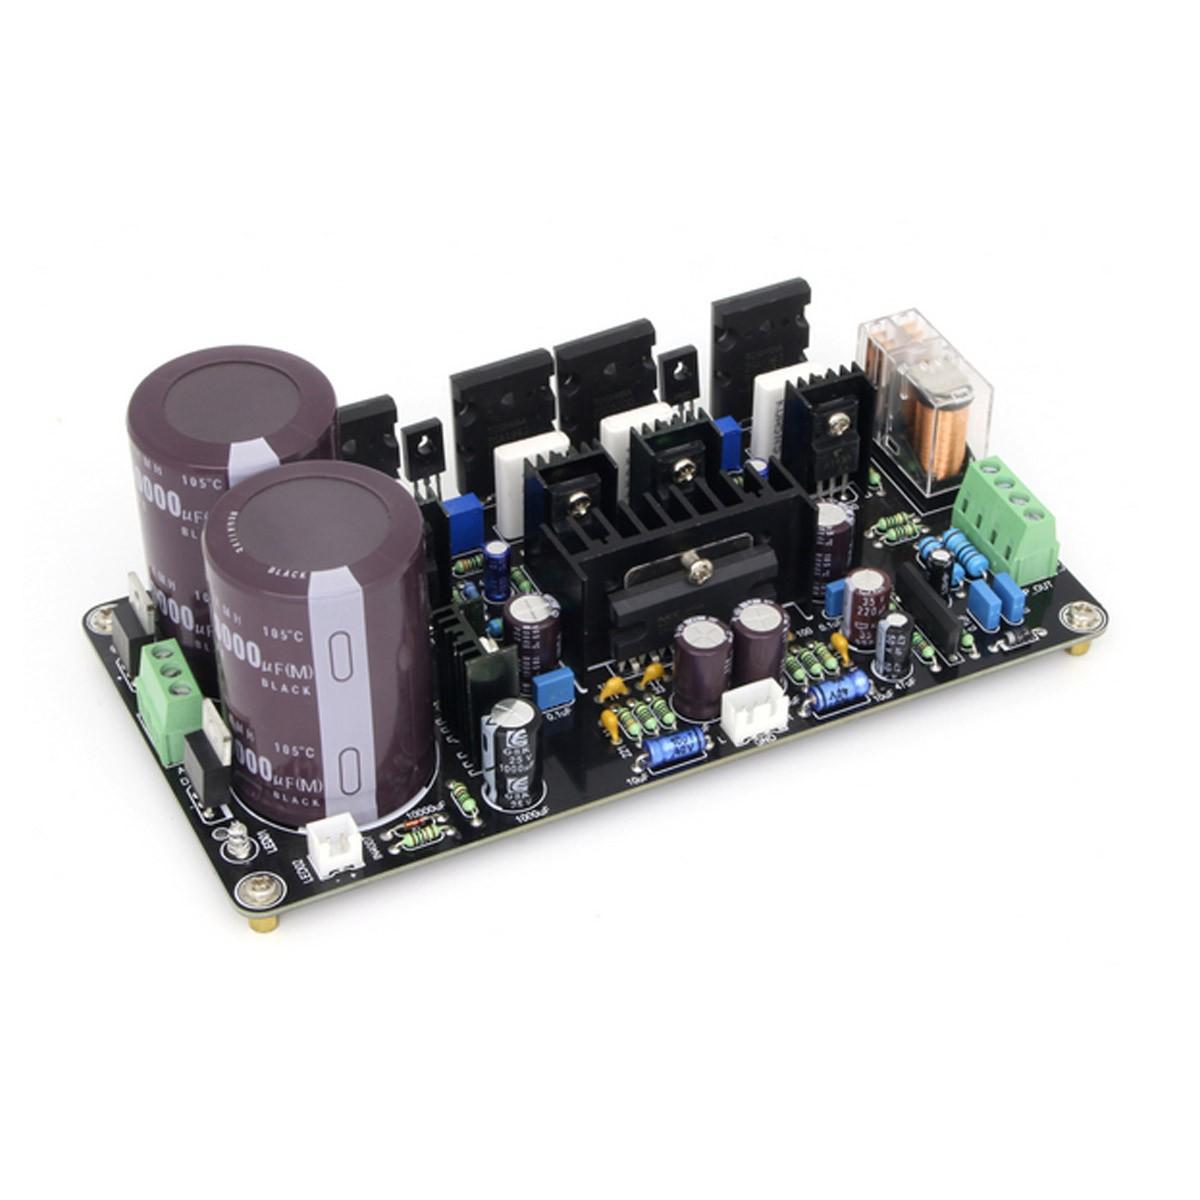 Module Amplificateur Stéréo UPC2581 IRFP9240 Class AB 2x 125W 4 Ohm